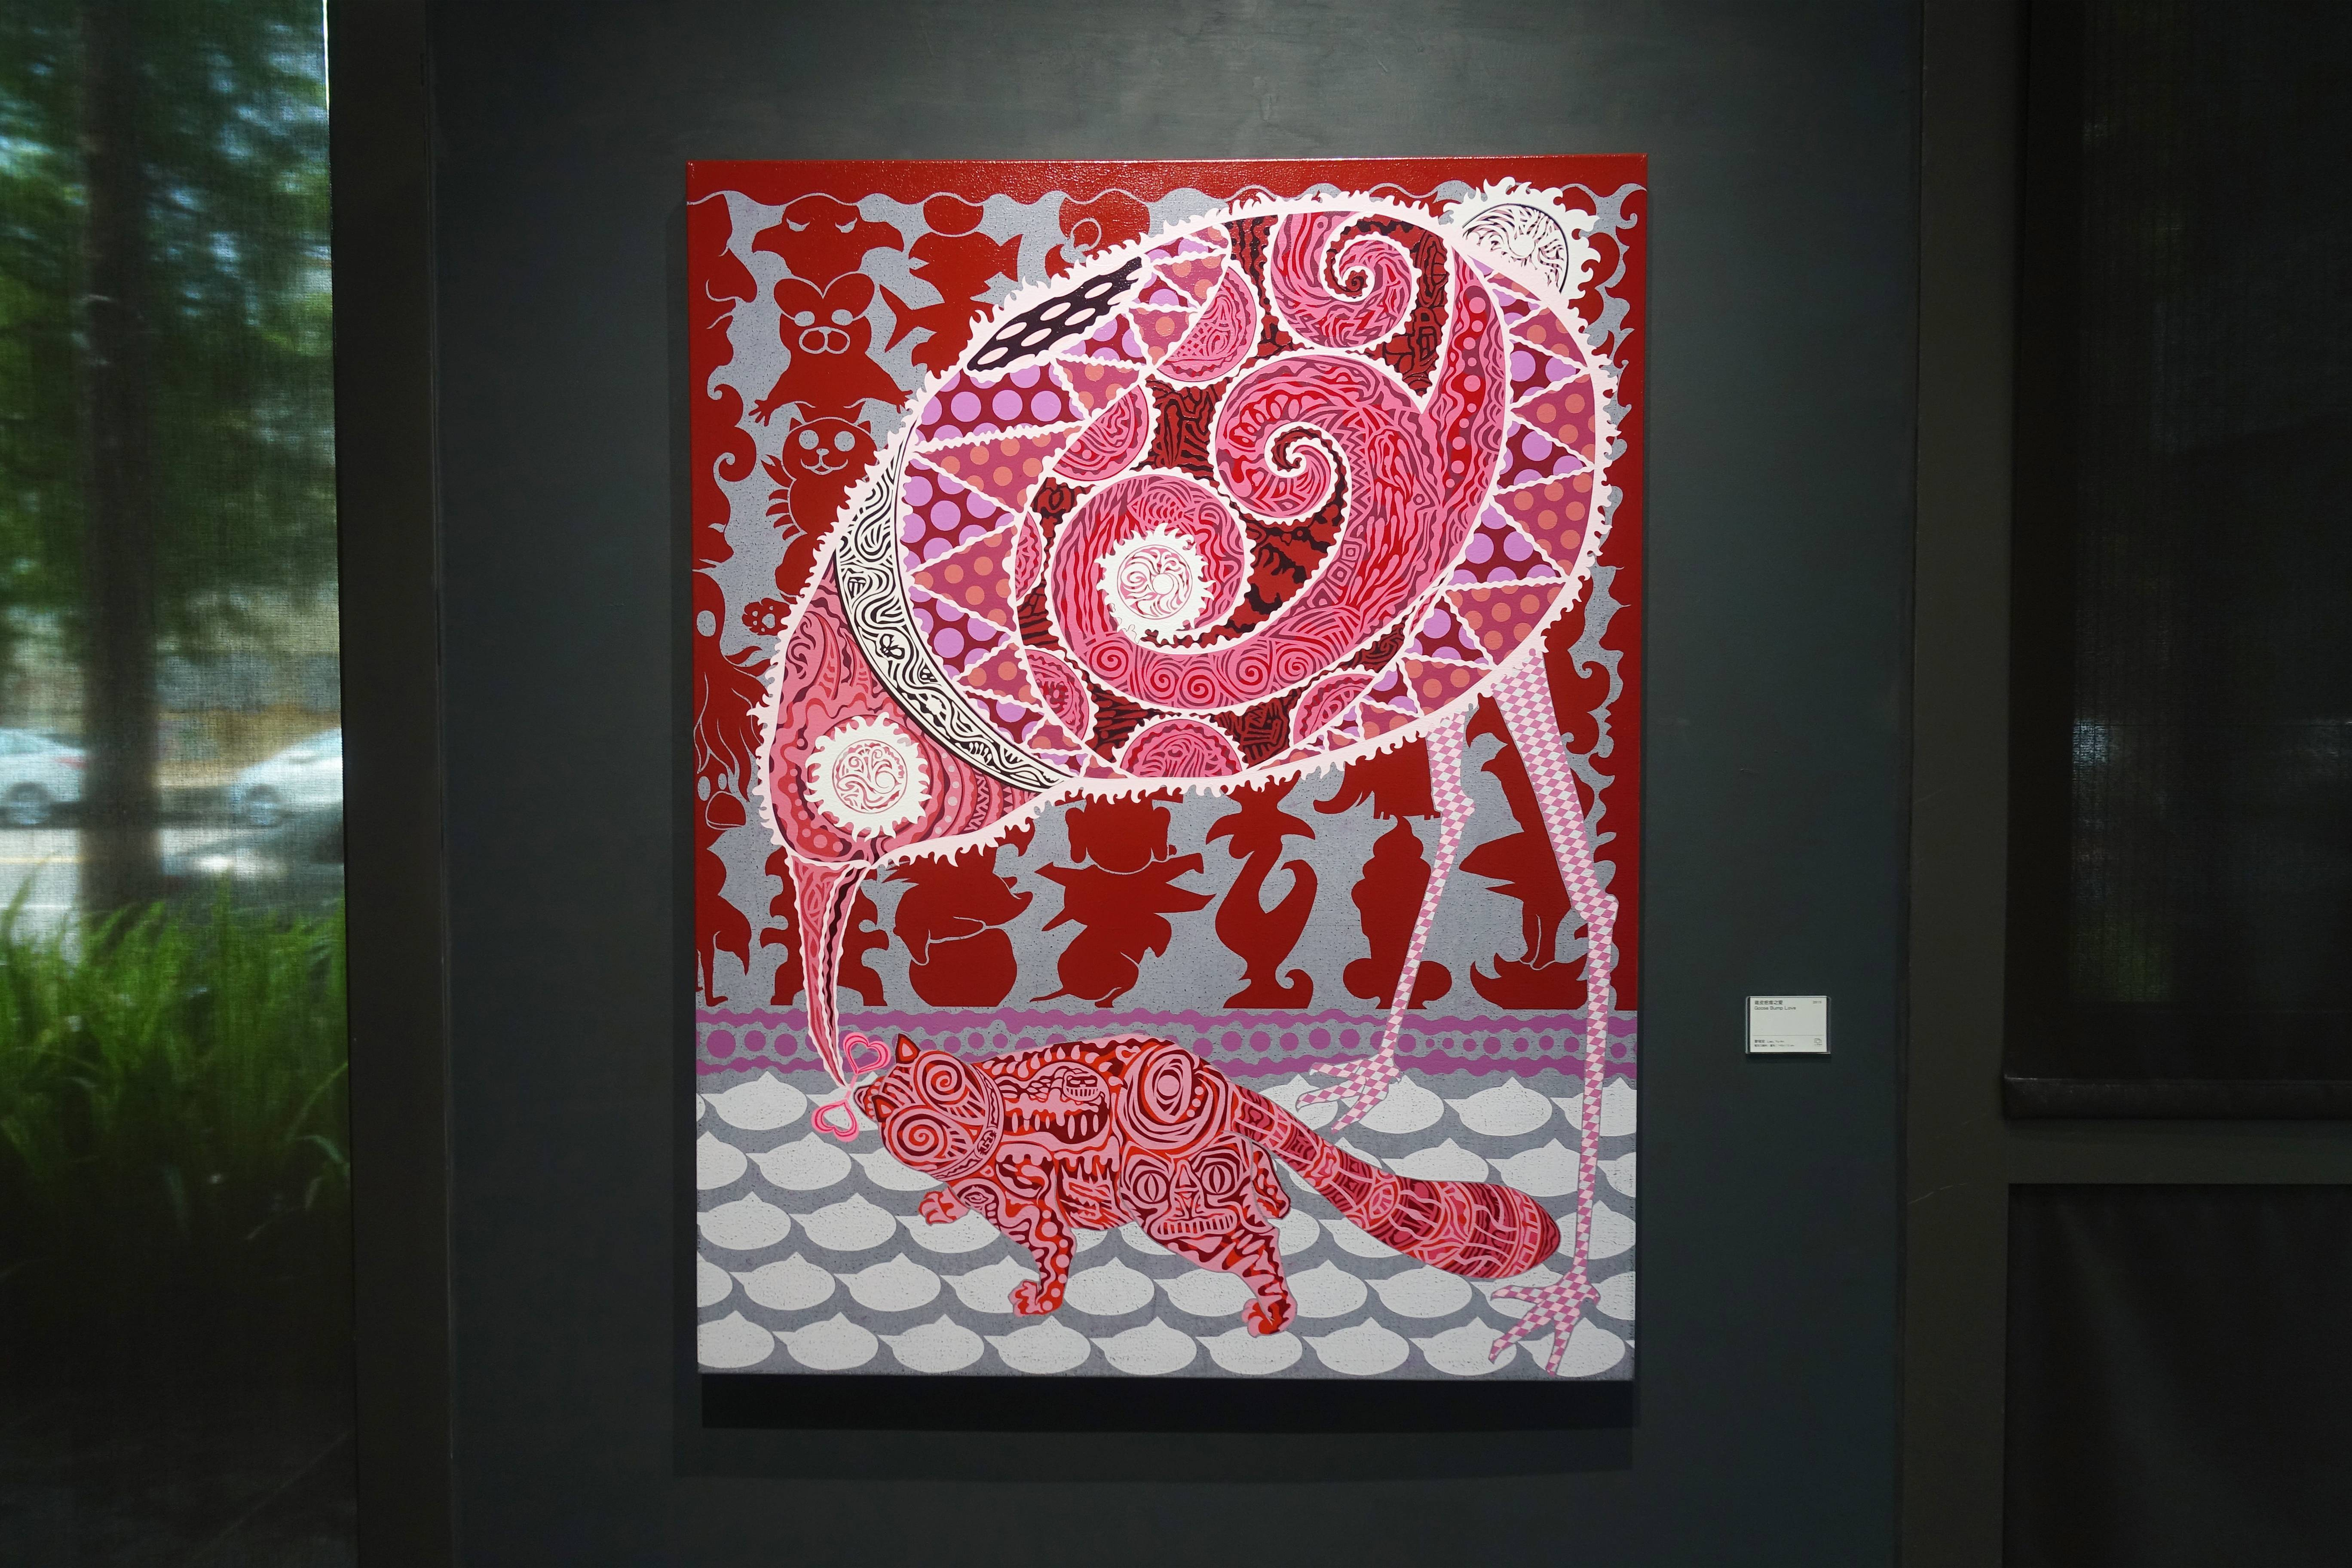 廖堉安,《雞皮疙瘩Goose Bumps Love》,壓克力、畫布,145x112 cm,2015。